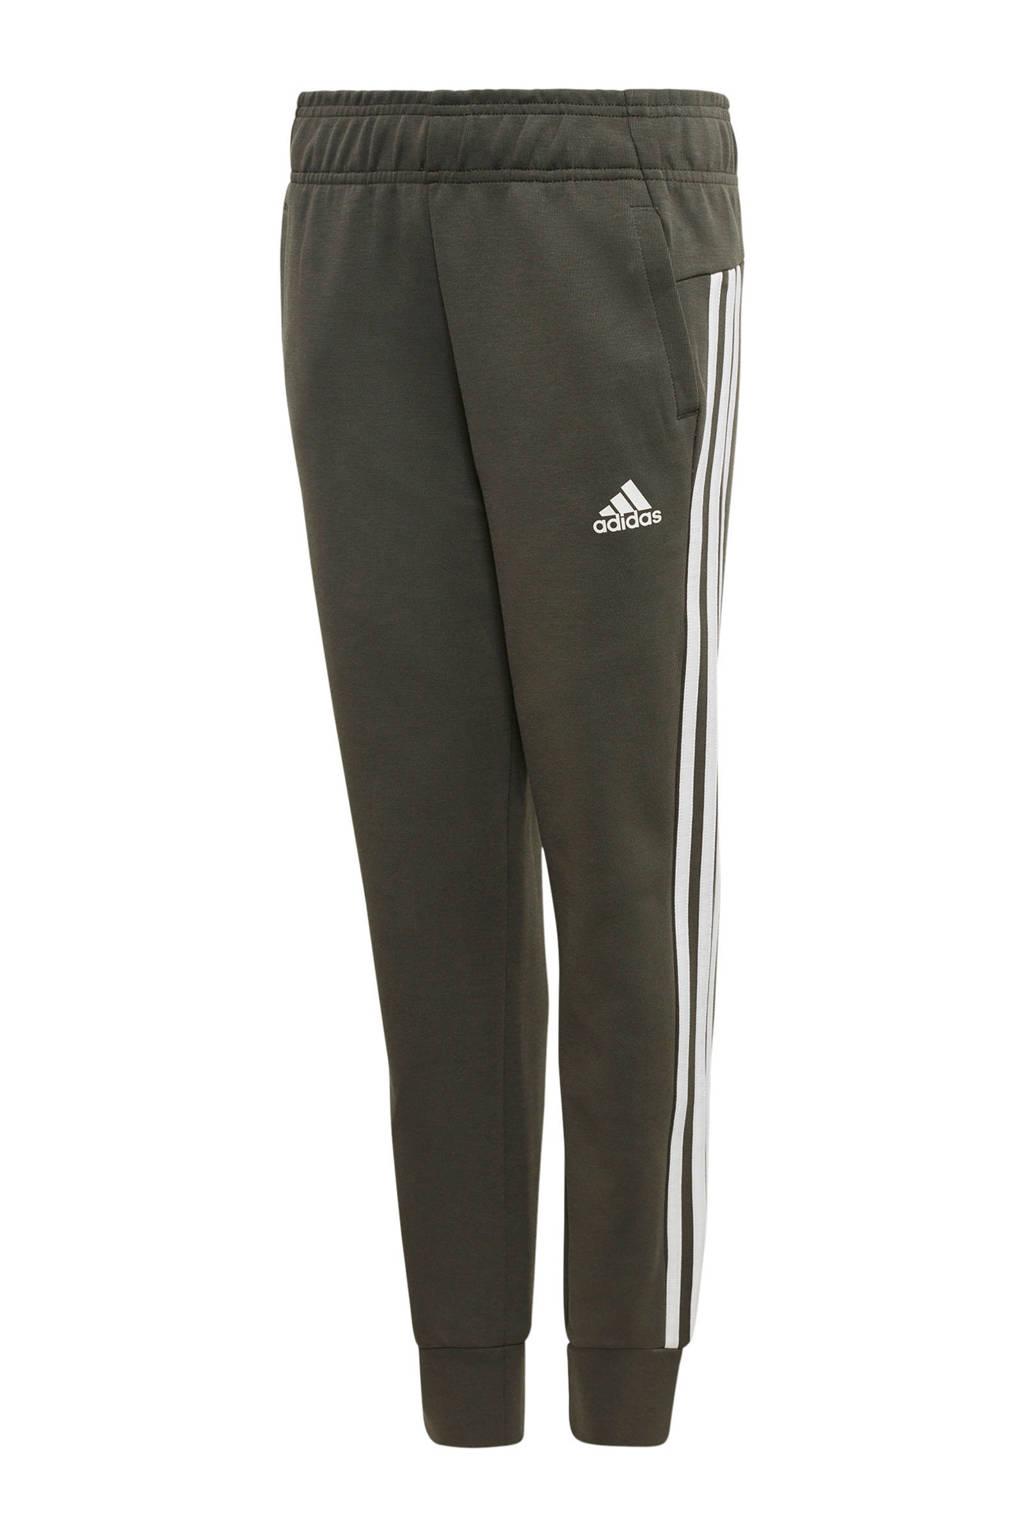 adidas joggingbroek antraciet, Antraciet/wit